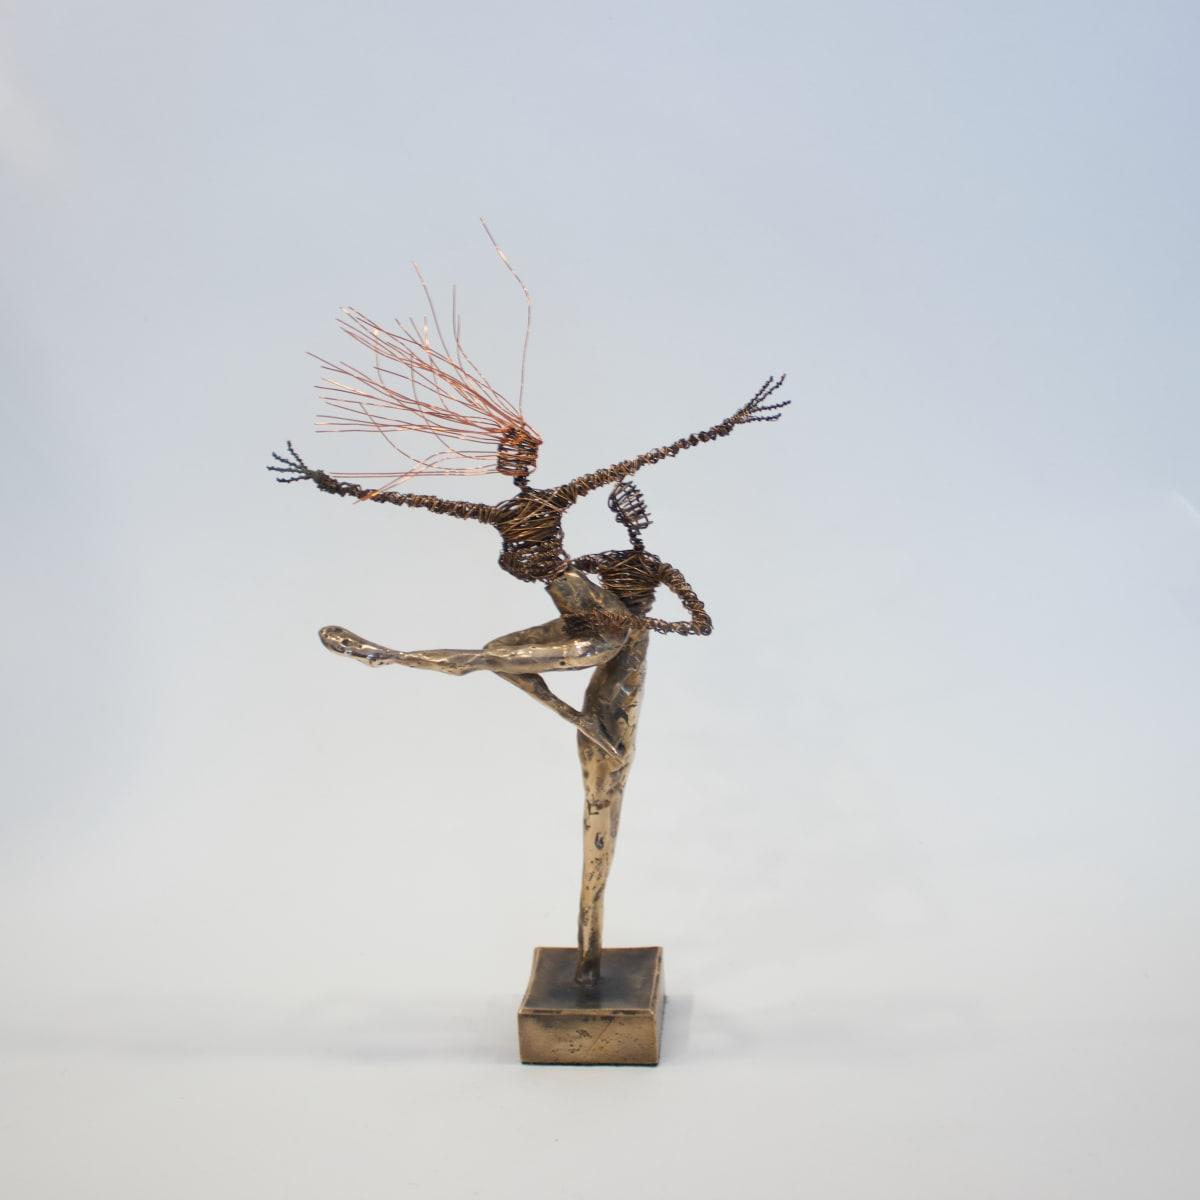 Rachel Ducker Bronze Couple, 2019 Bronze & Wire Sculpture 29 x 17 x 9 cm 11 3/8 x 6 3/4 x 3 1/2 in